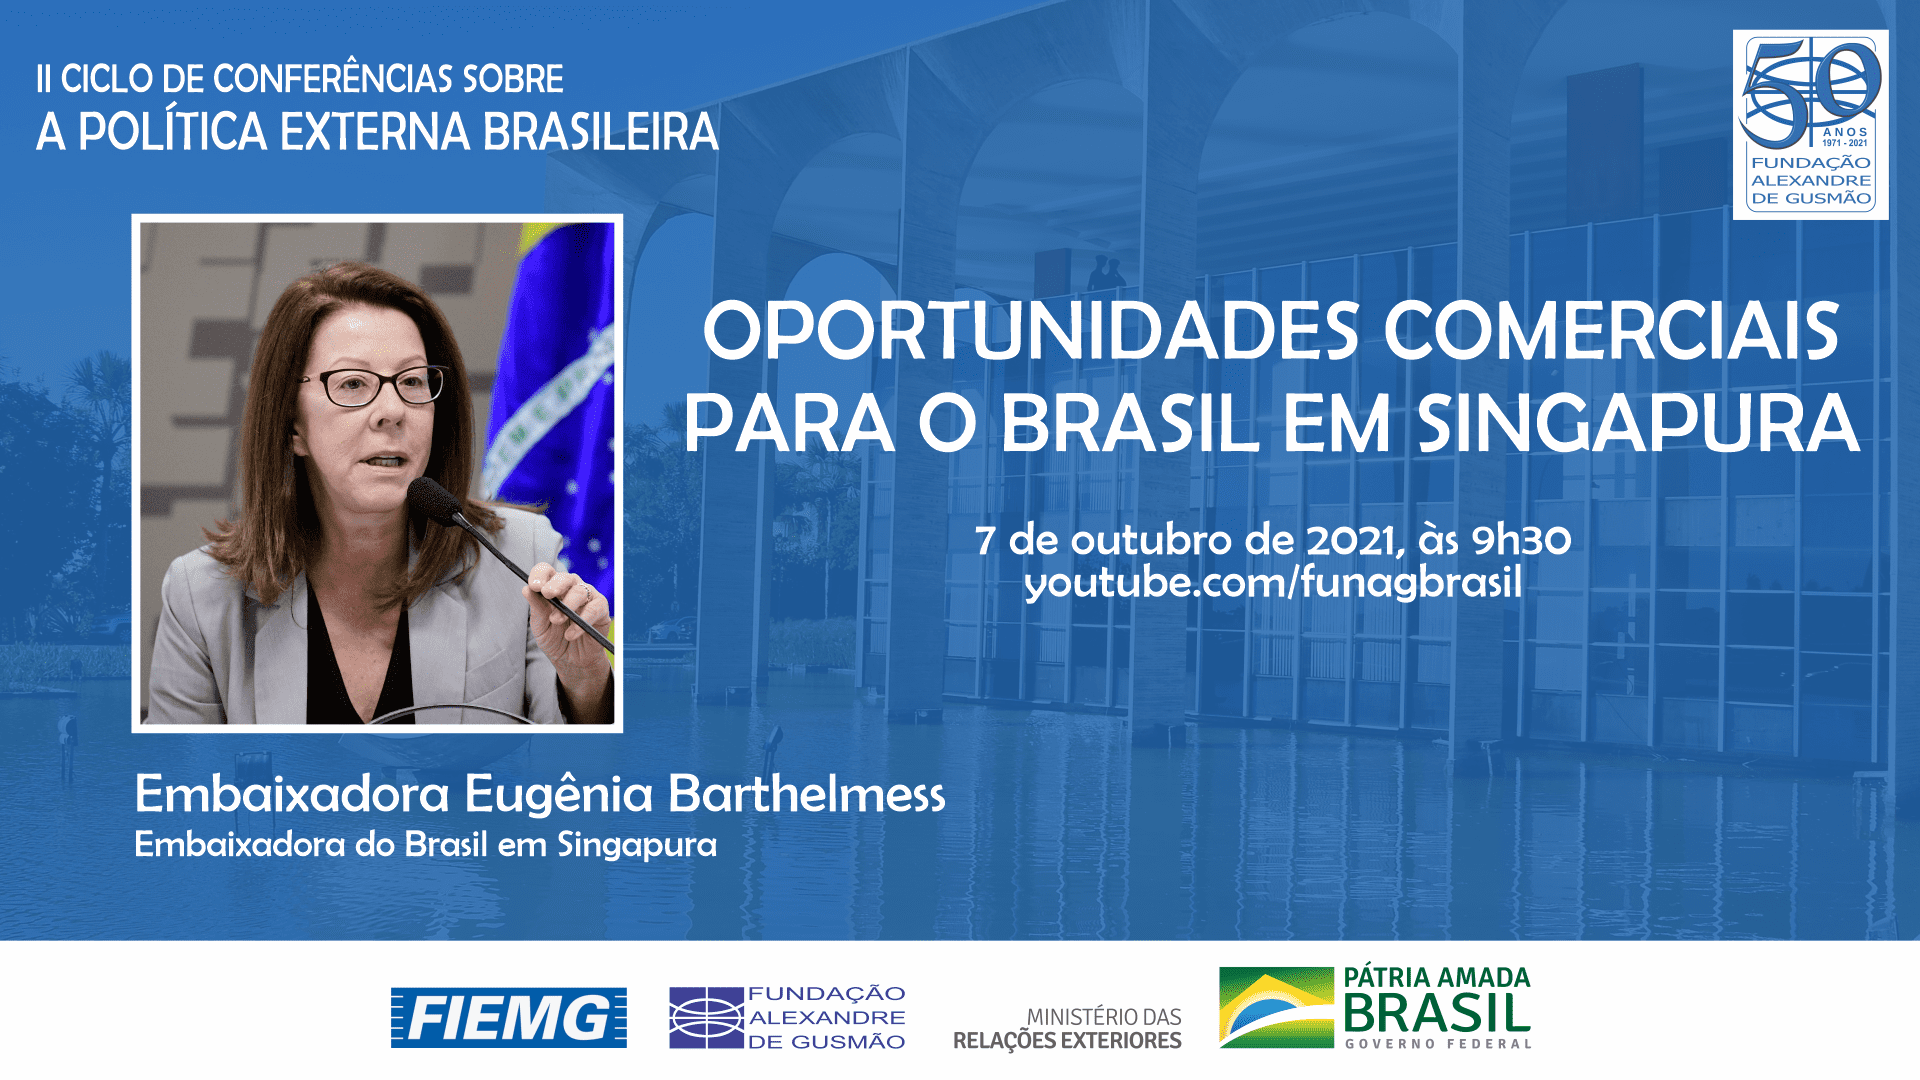 FUNAG promove palestra da Embaixadora Eugênia Barthelmess sobre as oportunidades comerciais para o Brasil em Singapura